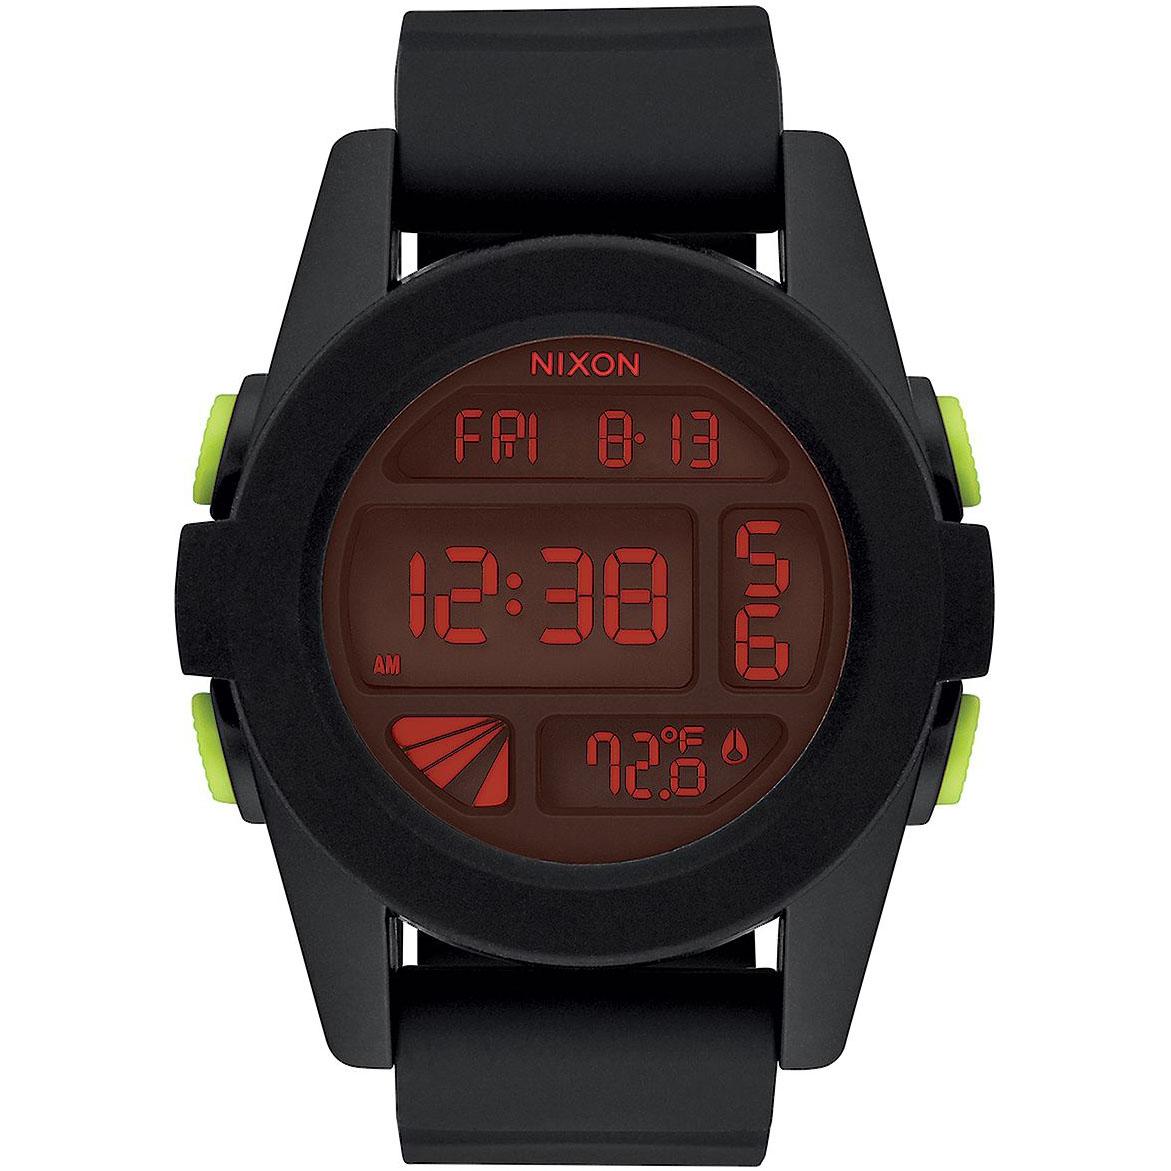 Заказать часы nixon